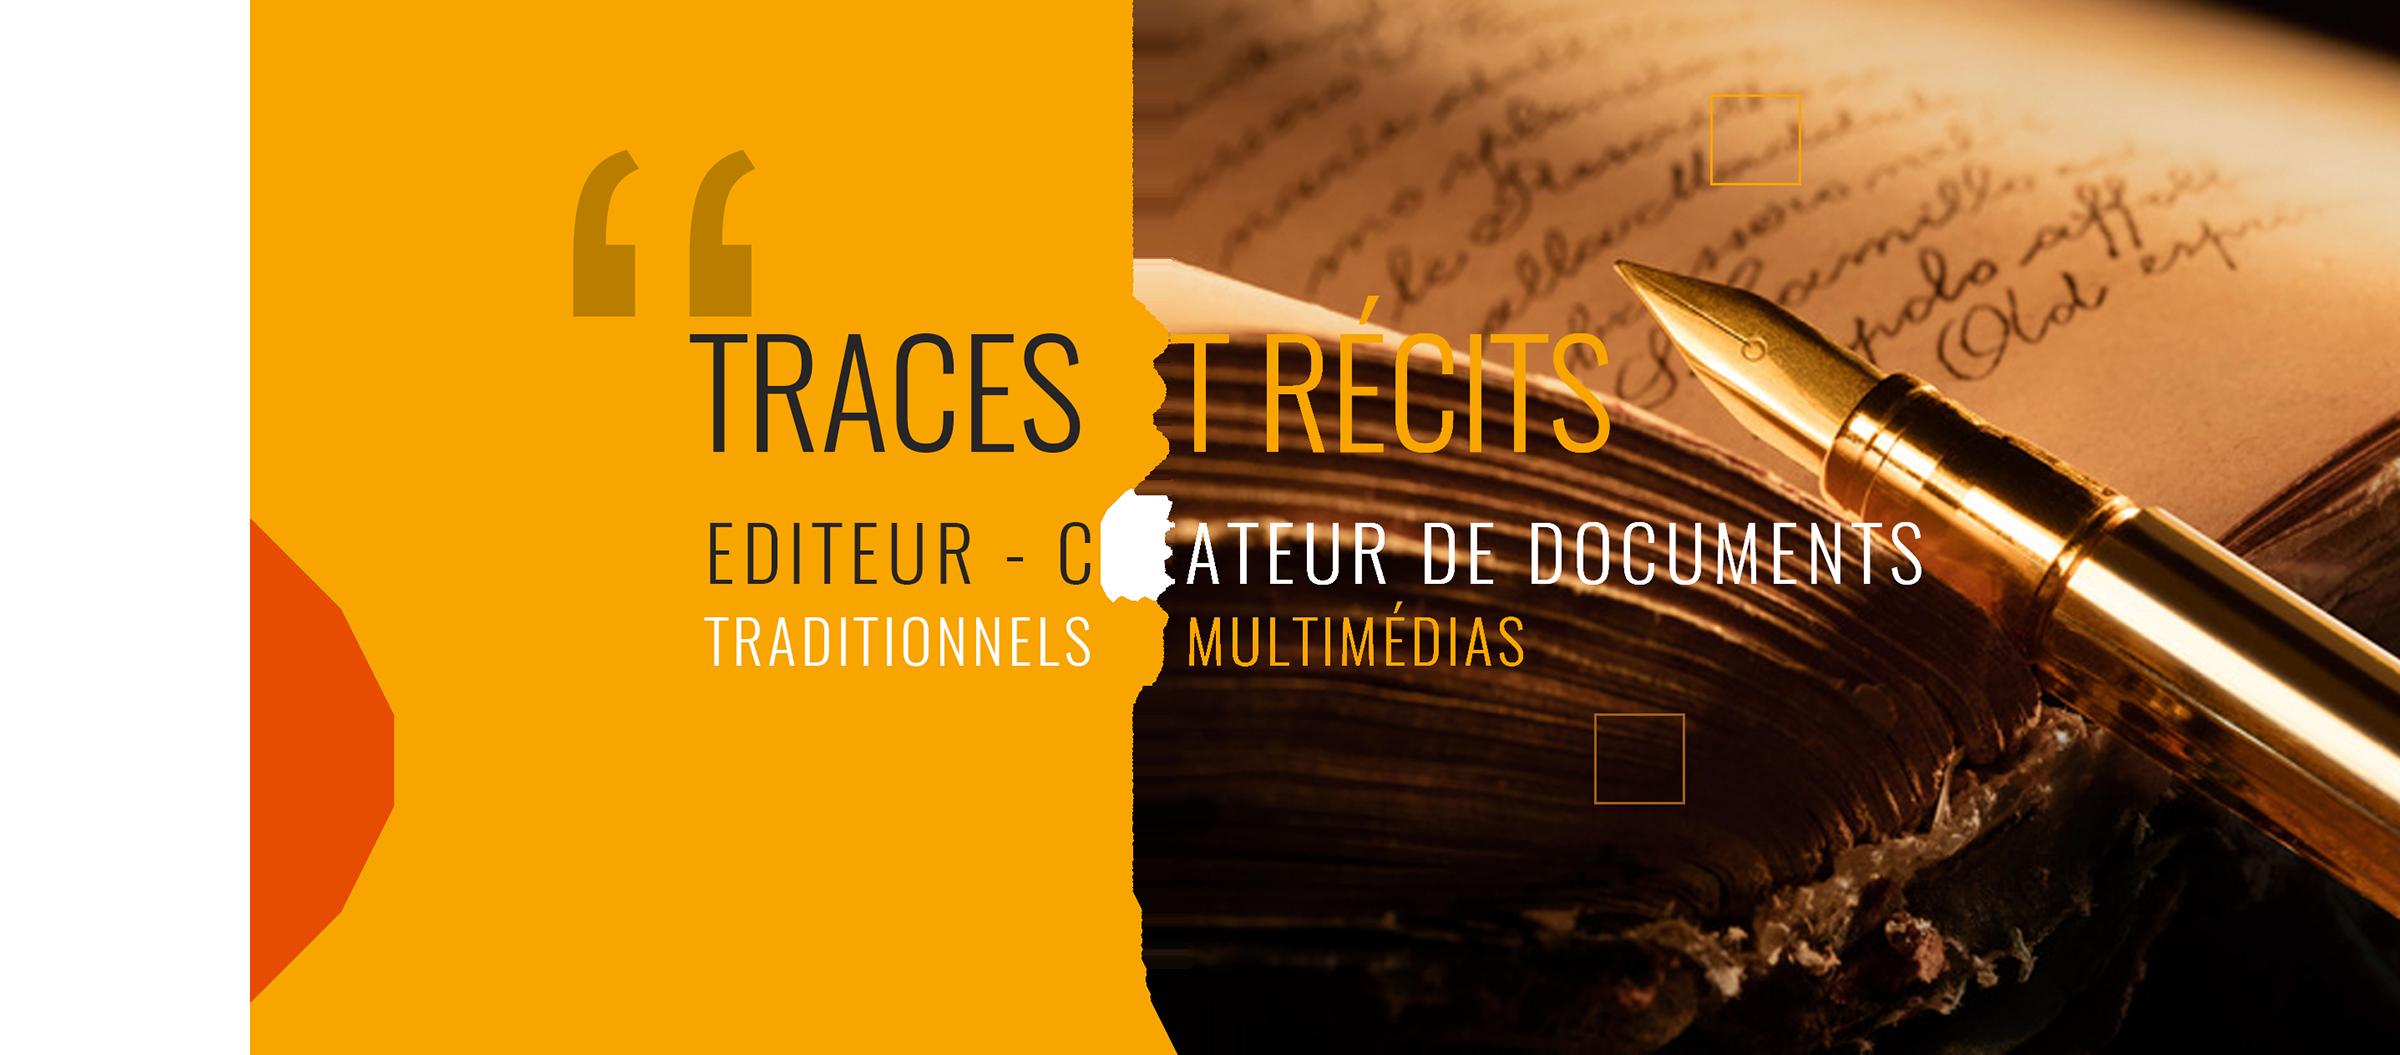 Éditeur - Créateur de documents traditionnels et multimédias